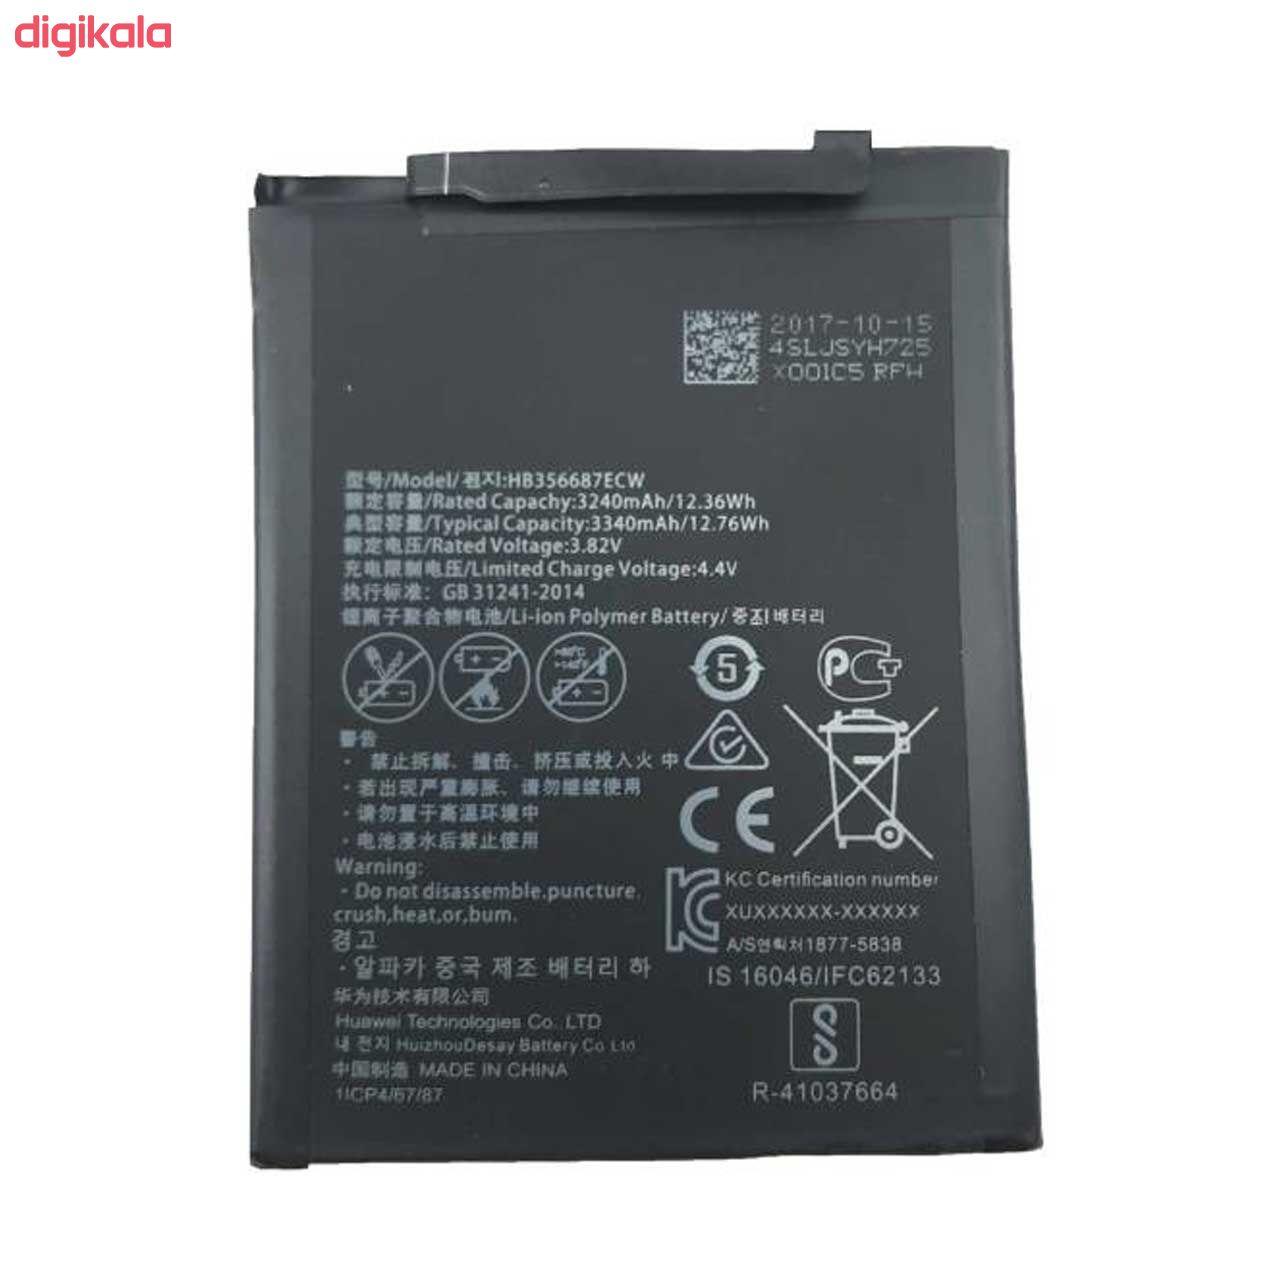 باتری موبایل مدل HB356687ECW ظرفیت 3340 میلی آمپر ساعت مناسب برای گوشی موبایل آنر 7X  main 1 1